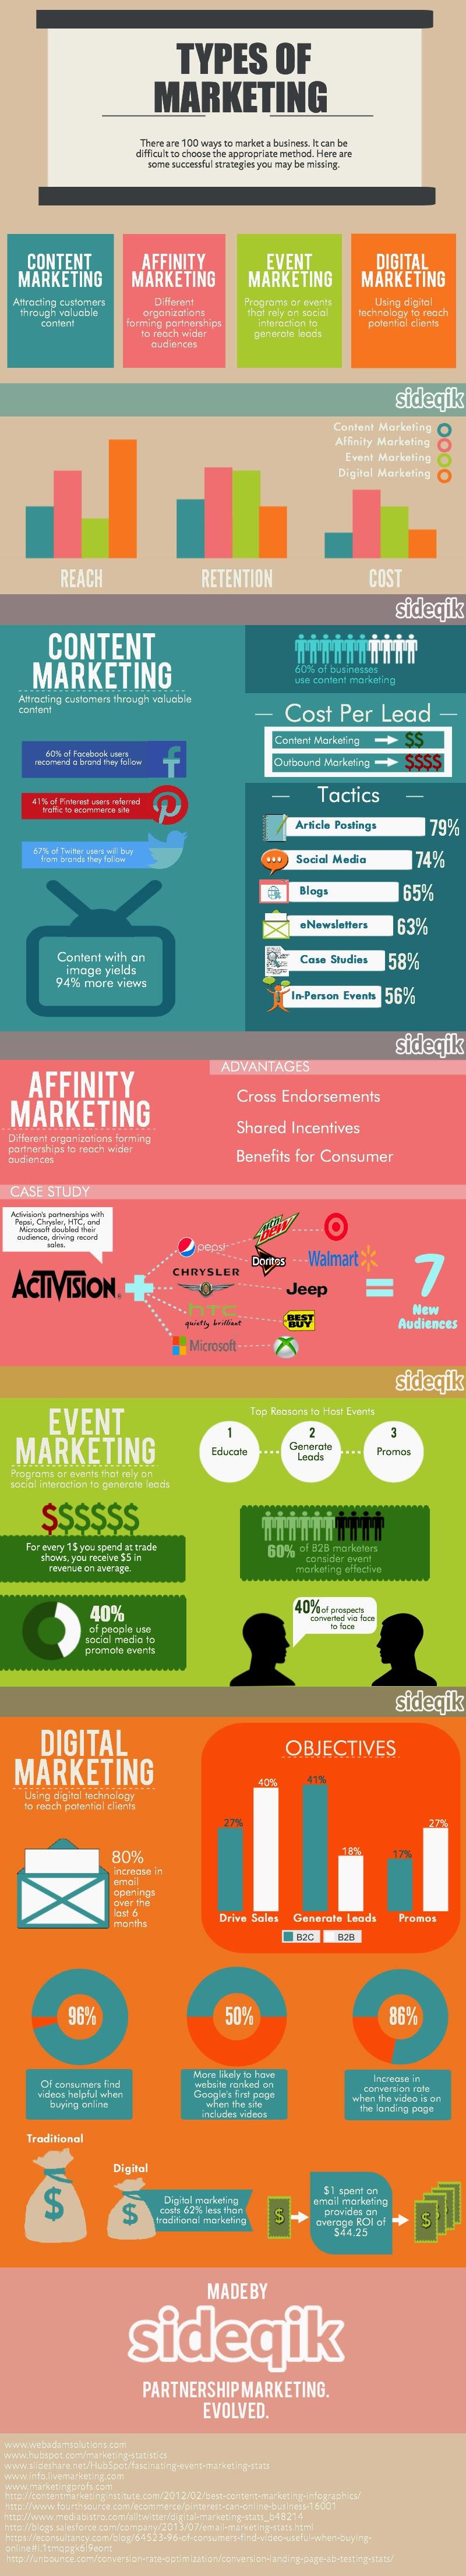 Conoce los principales tipos de marketing, sus objetivos y mejores tácticas